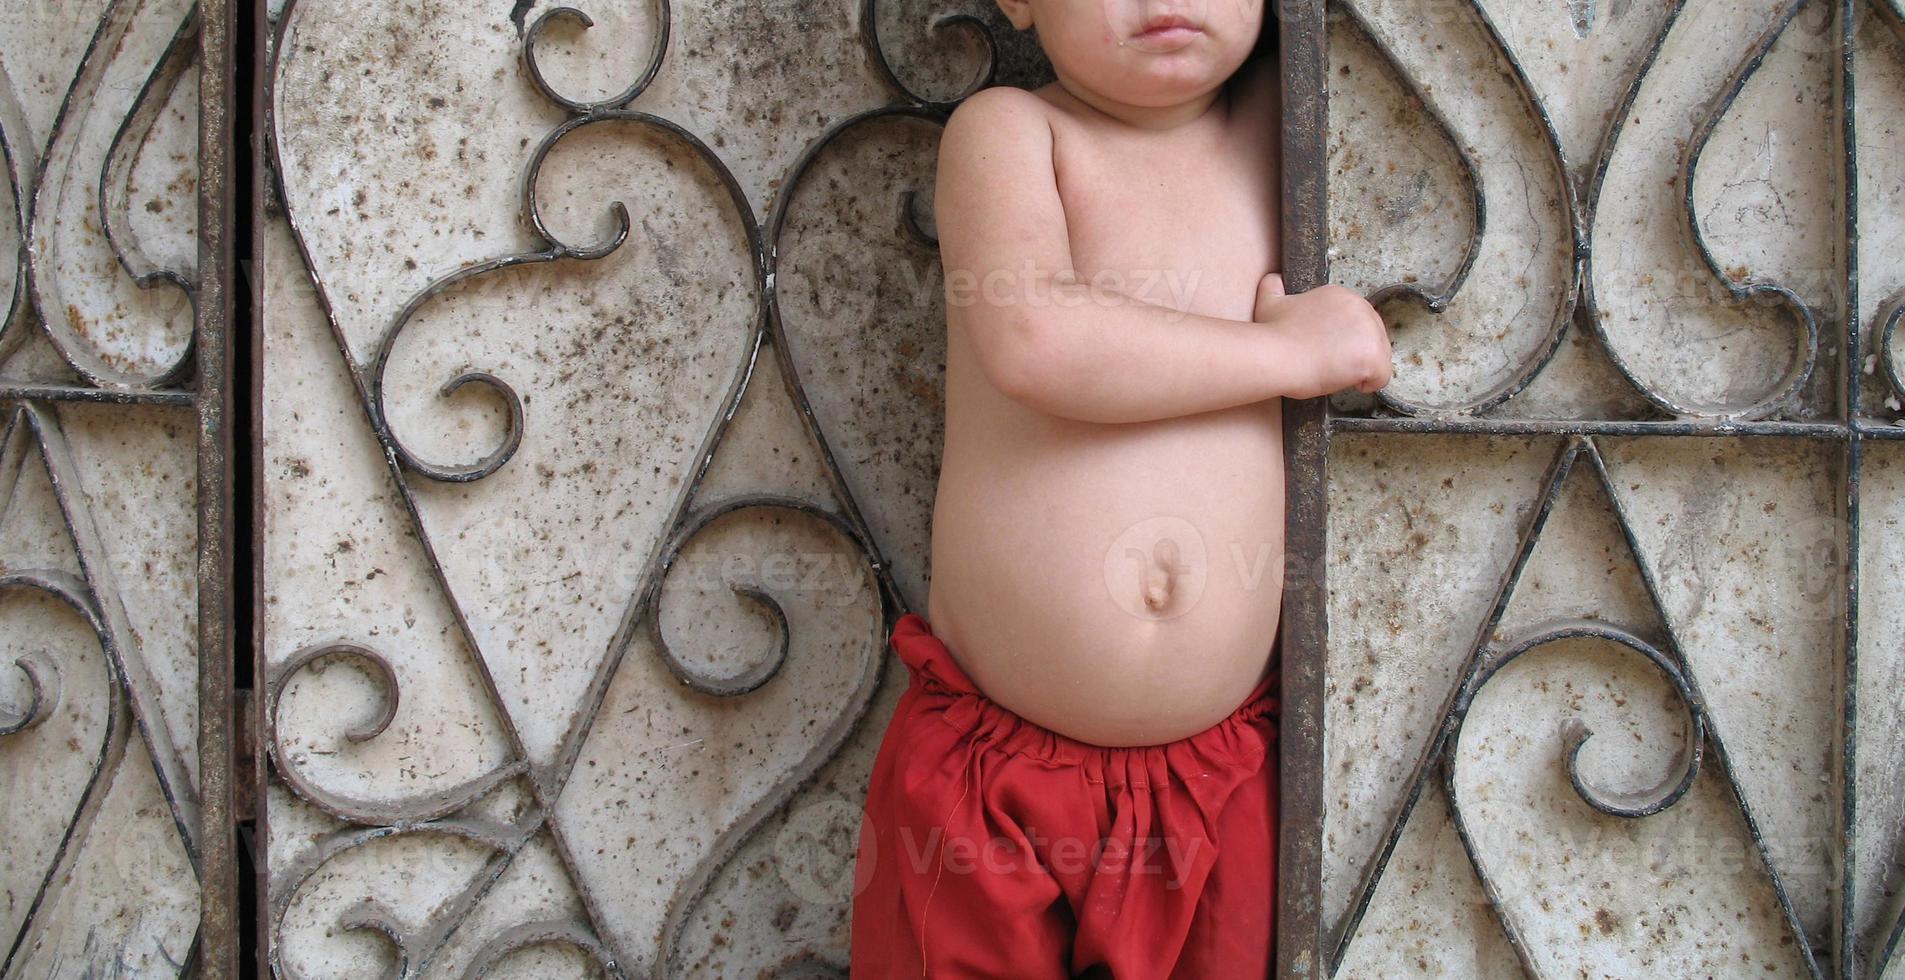 povertà senza volto foto